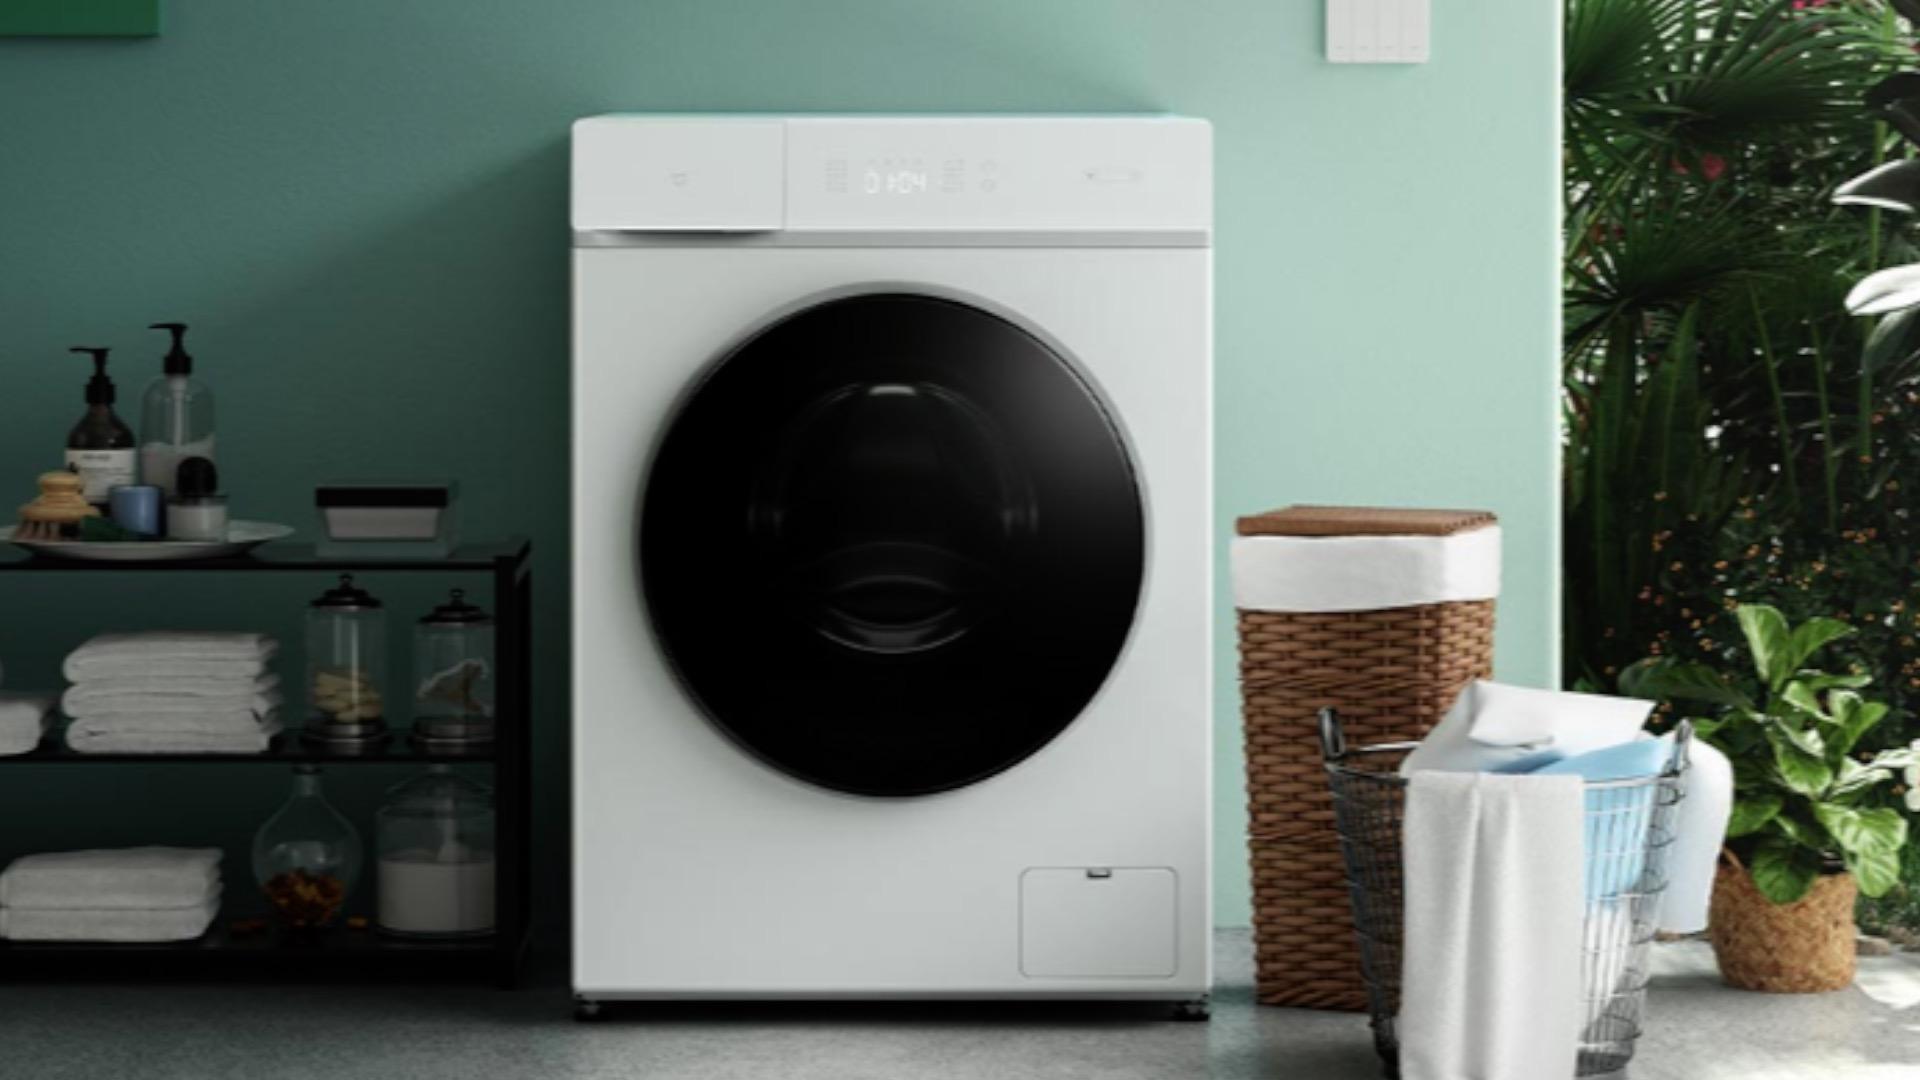 Machine À Laver Et Sèche Linge Intégré xiaomi mijia internet washing machine & dryer 1c: nouvelle